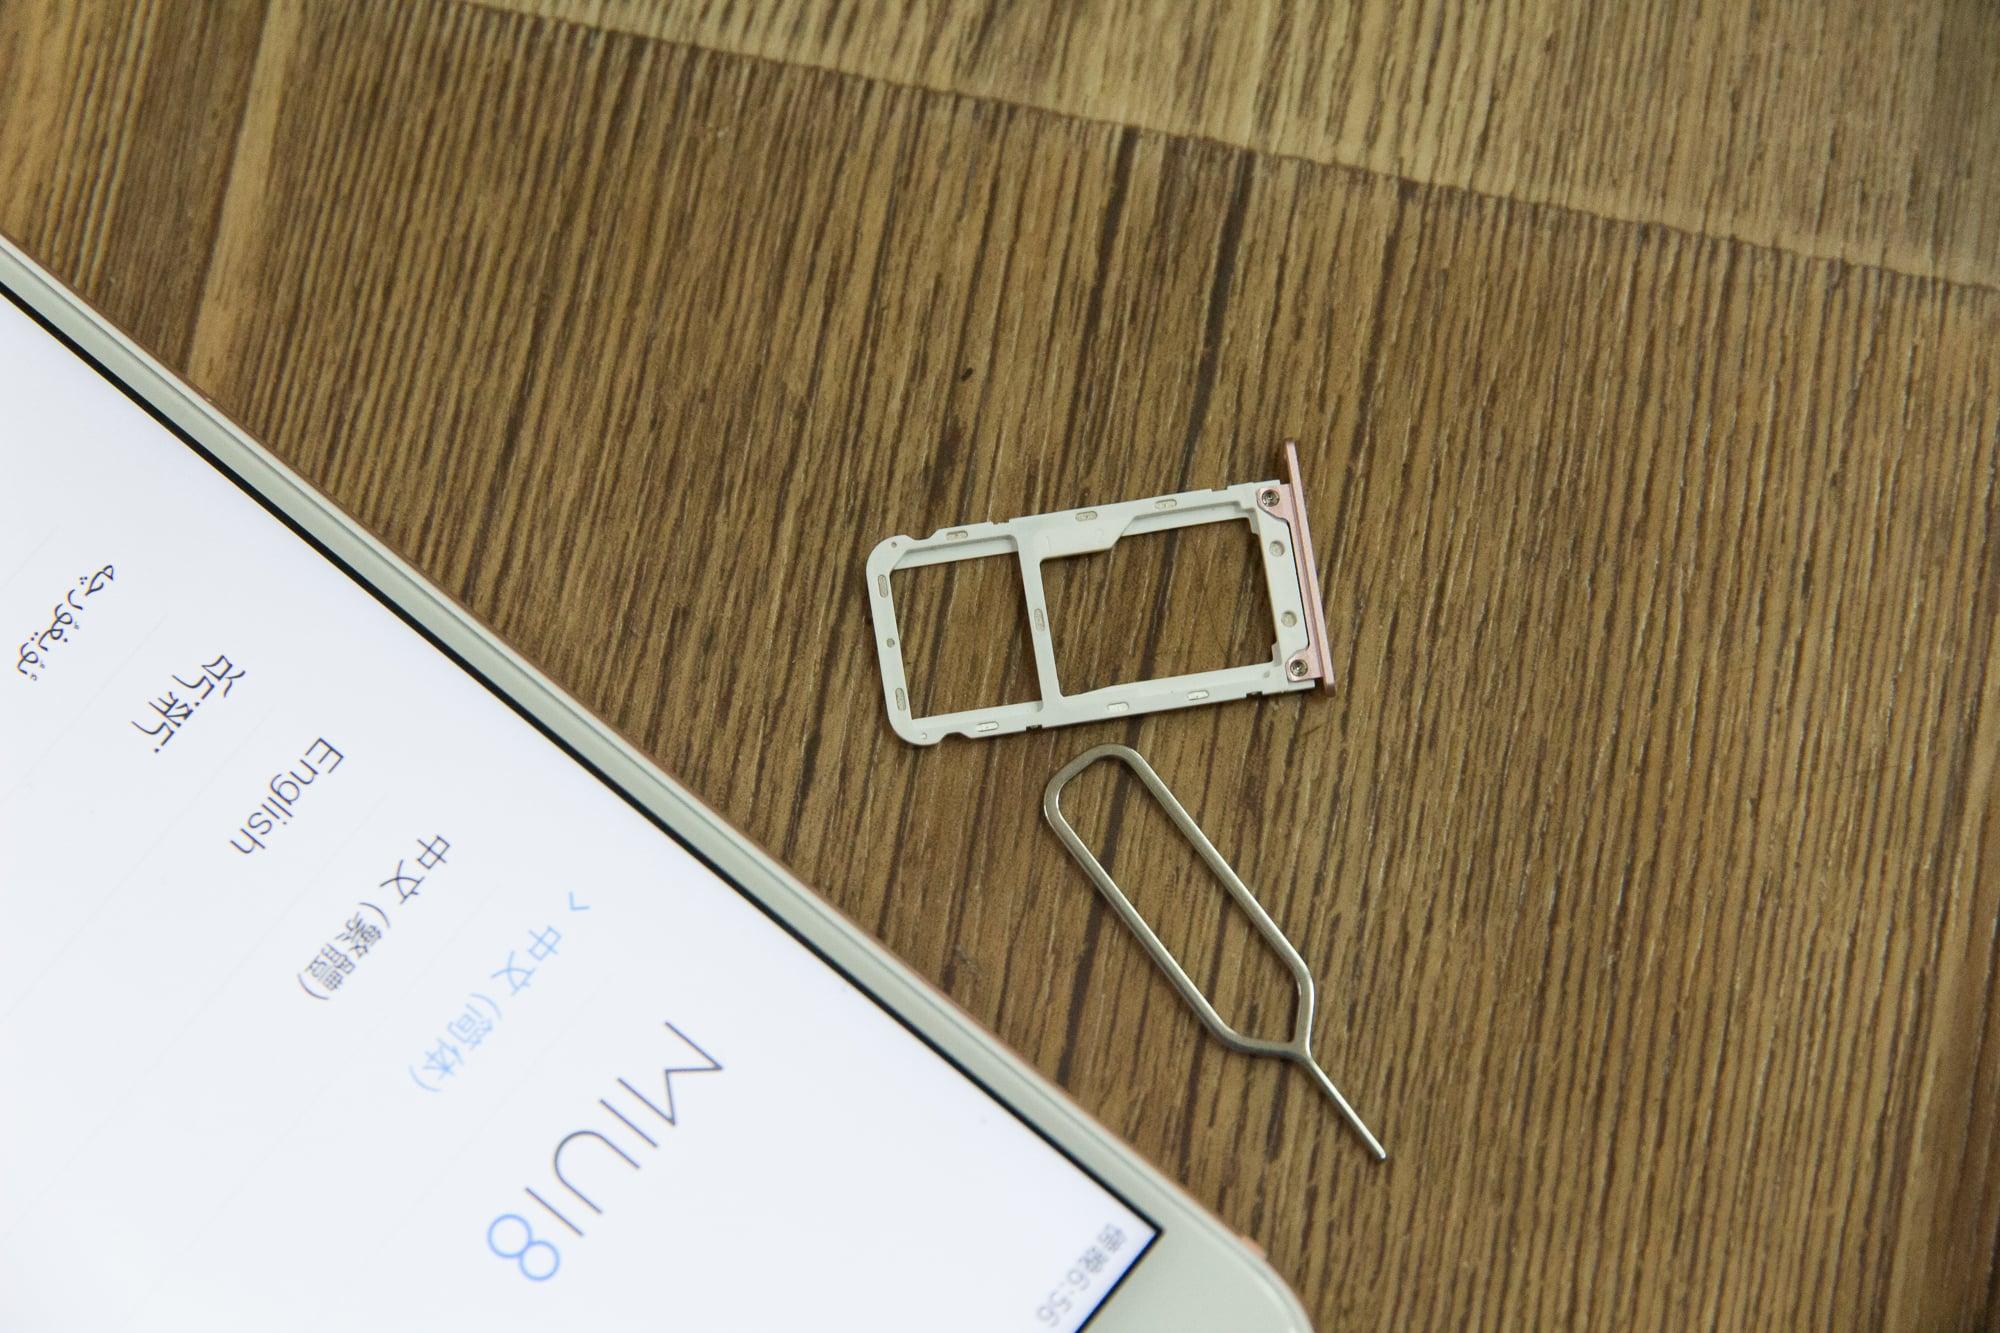 Обзор недорогого смартфона с хорошей для этой цены камерой. Изучаем Xiaomi Mi 5X (он же A1) - 8